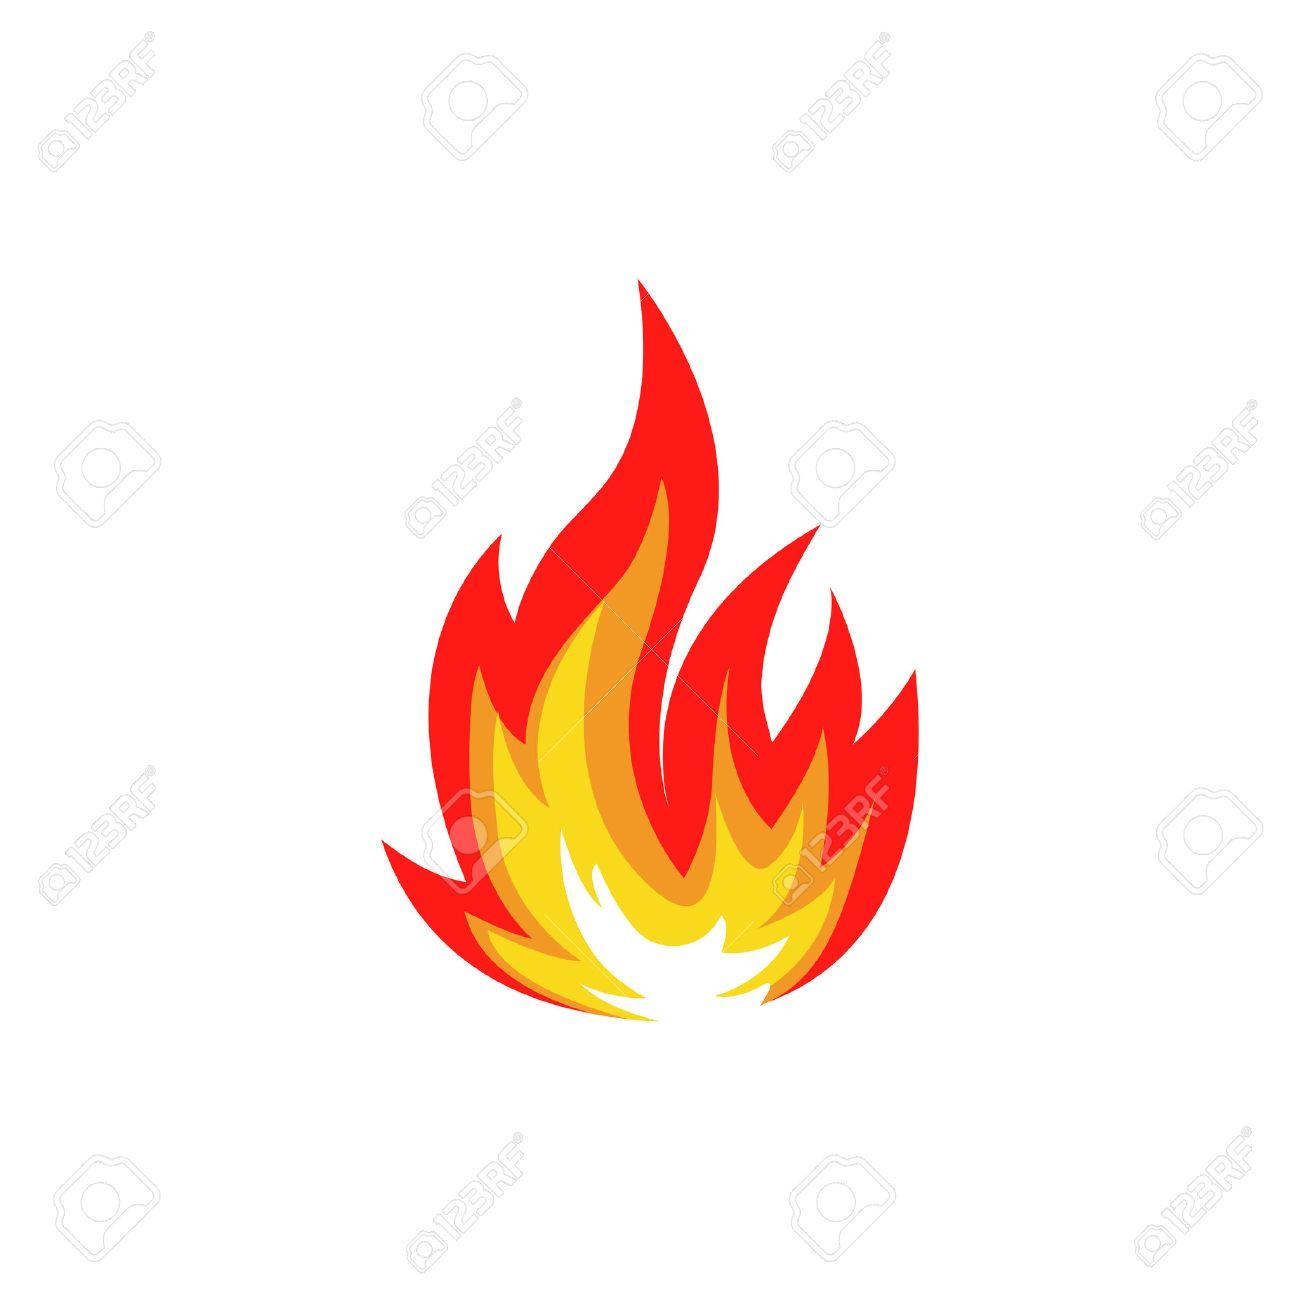 fire flamme